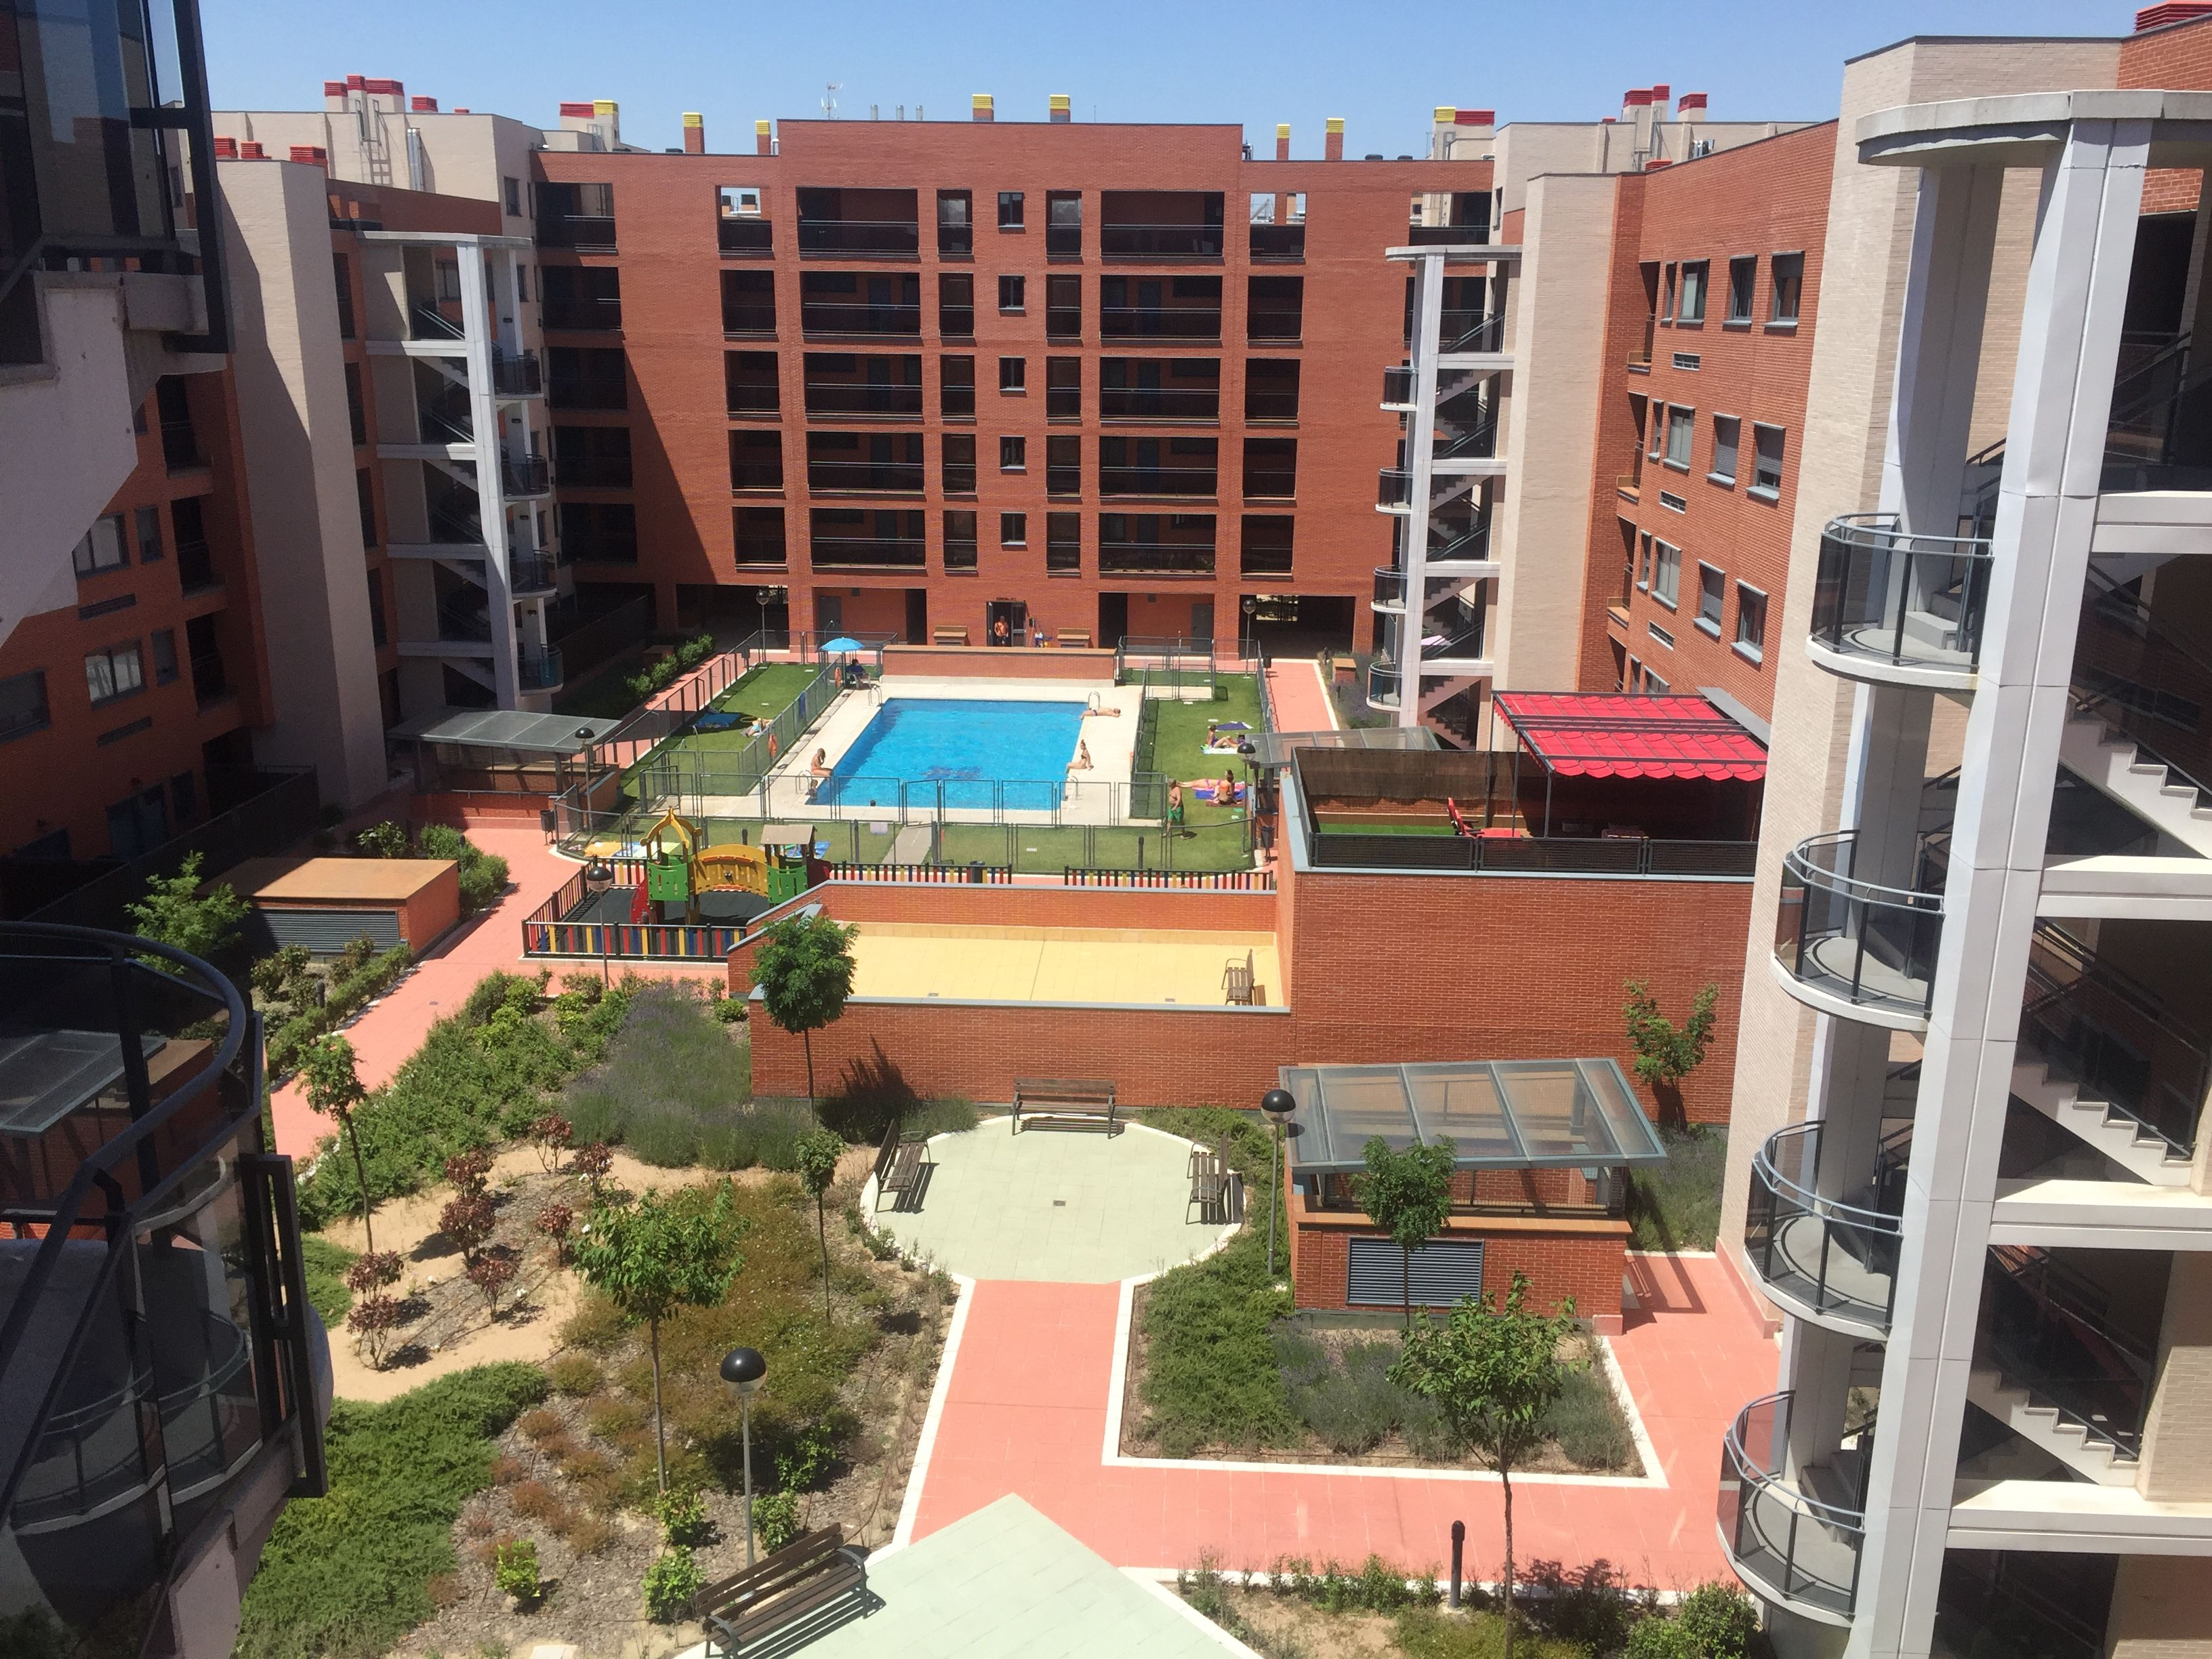 Viviendas en Getafe, Madrid